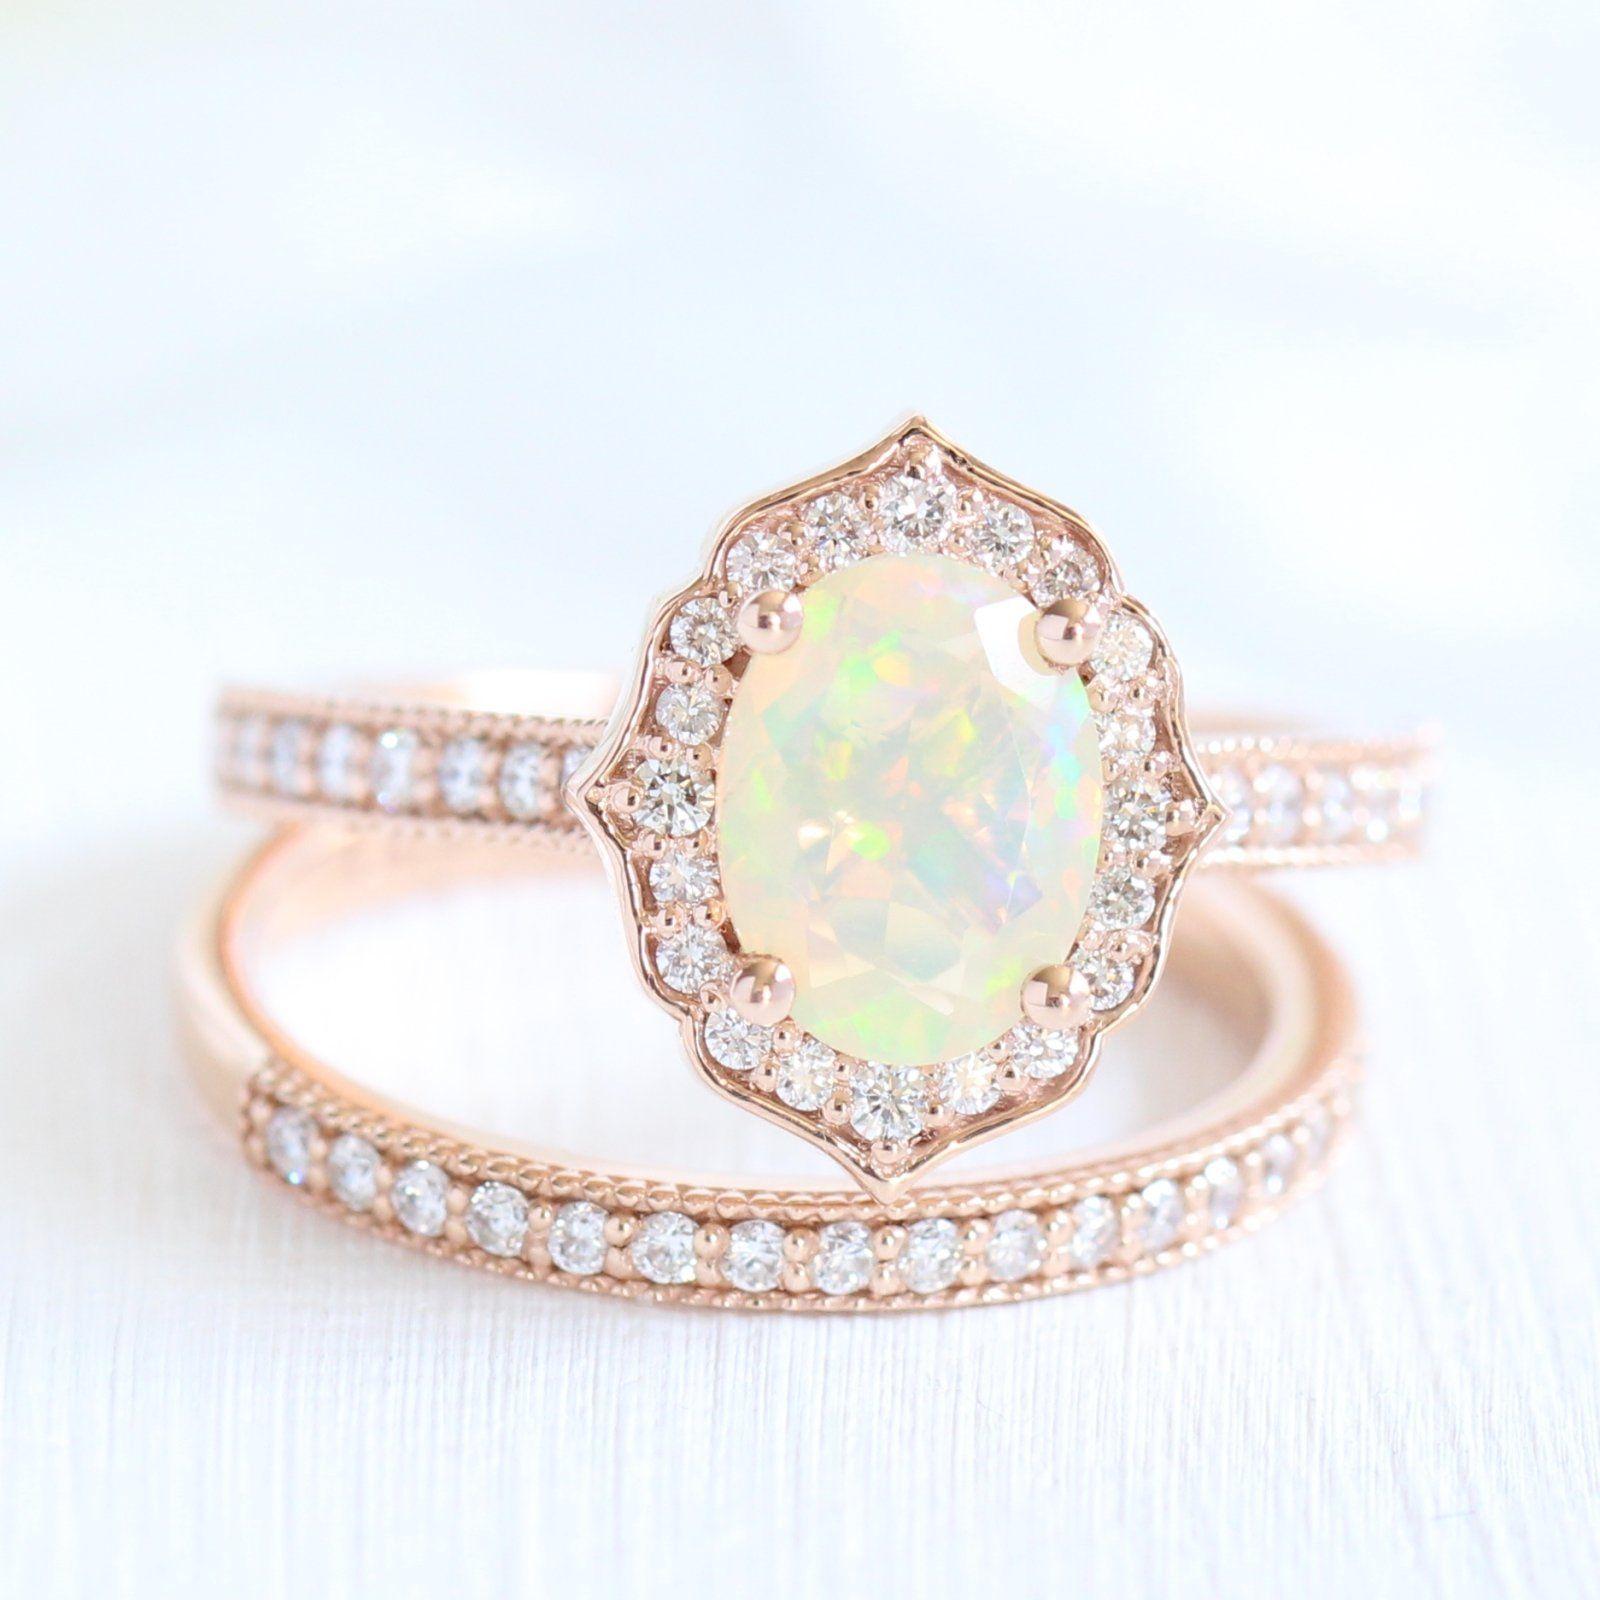 Oval Vintage Floral Bridal Set in Milgrain Band w/ Opal